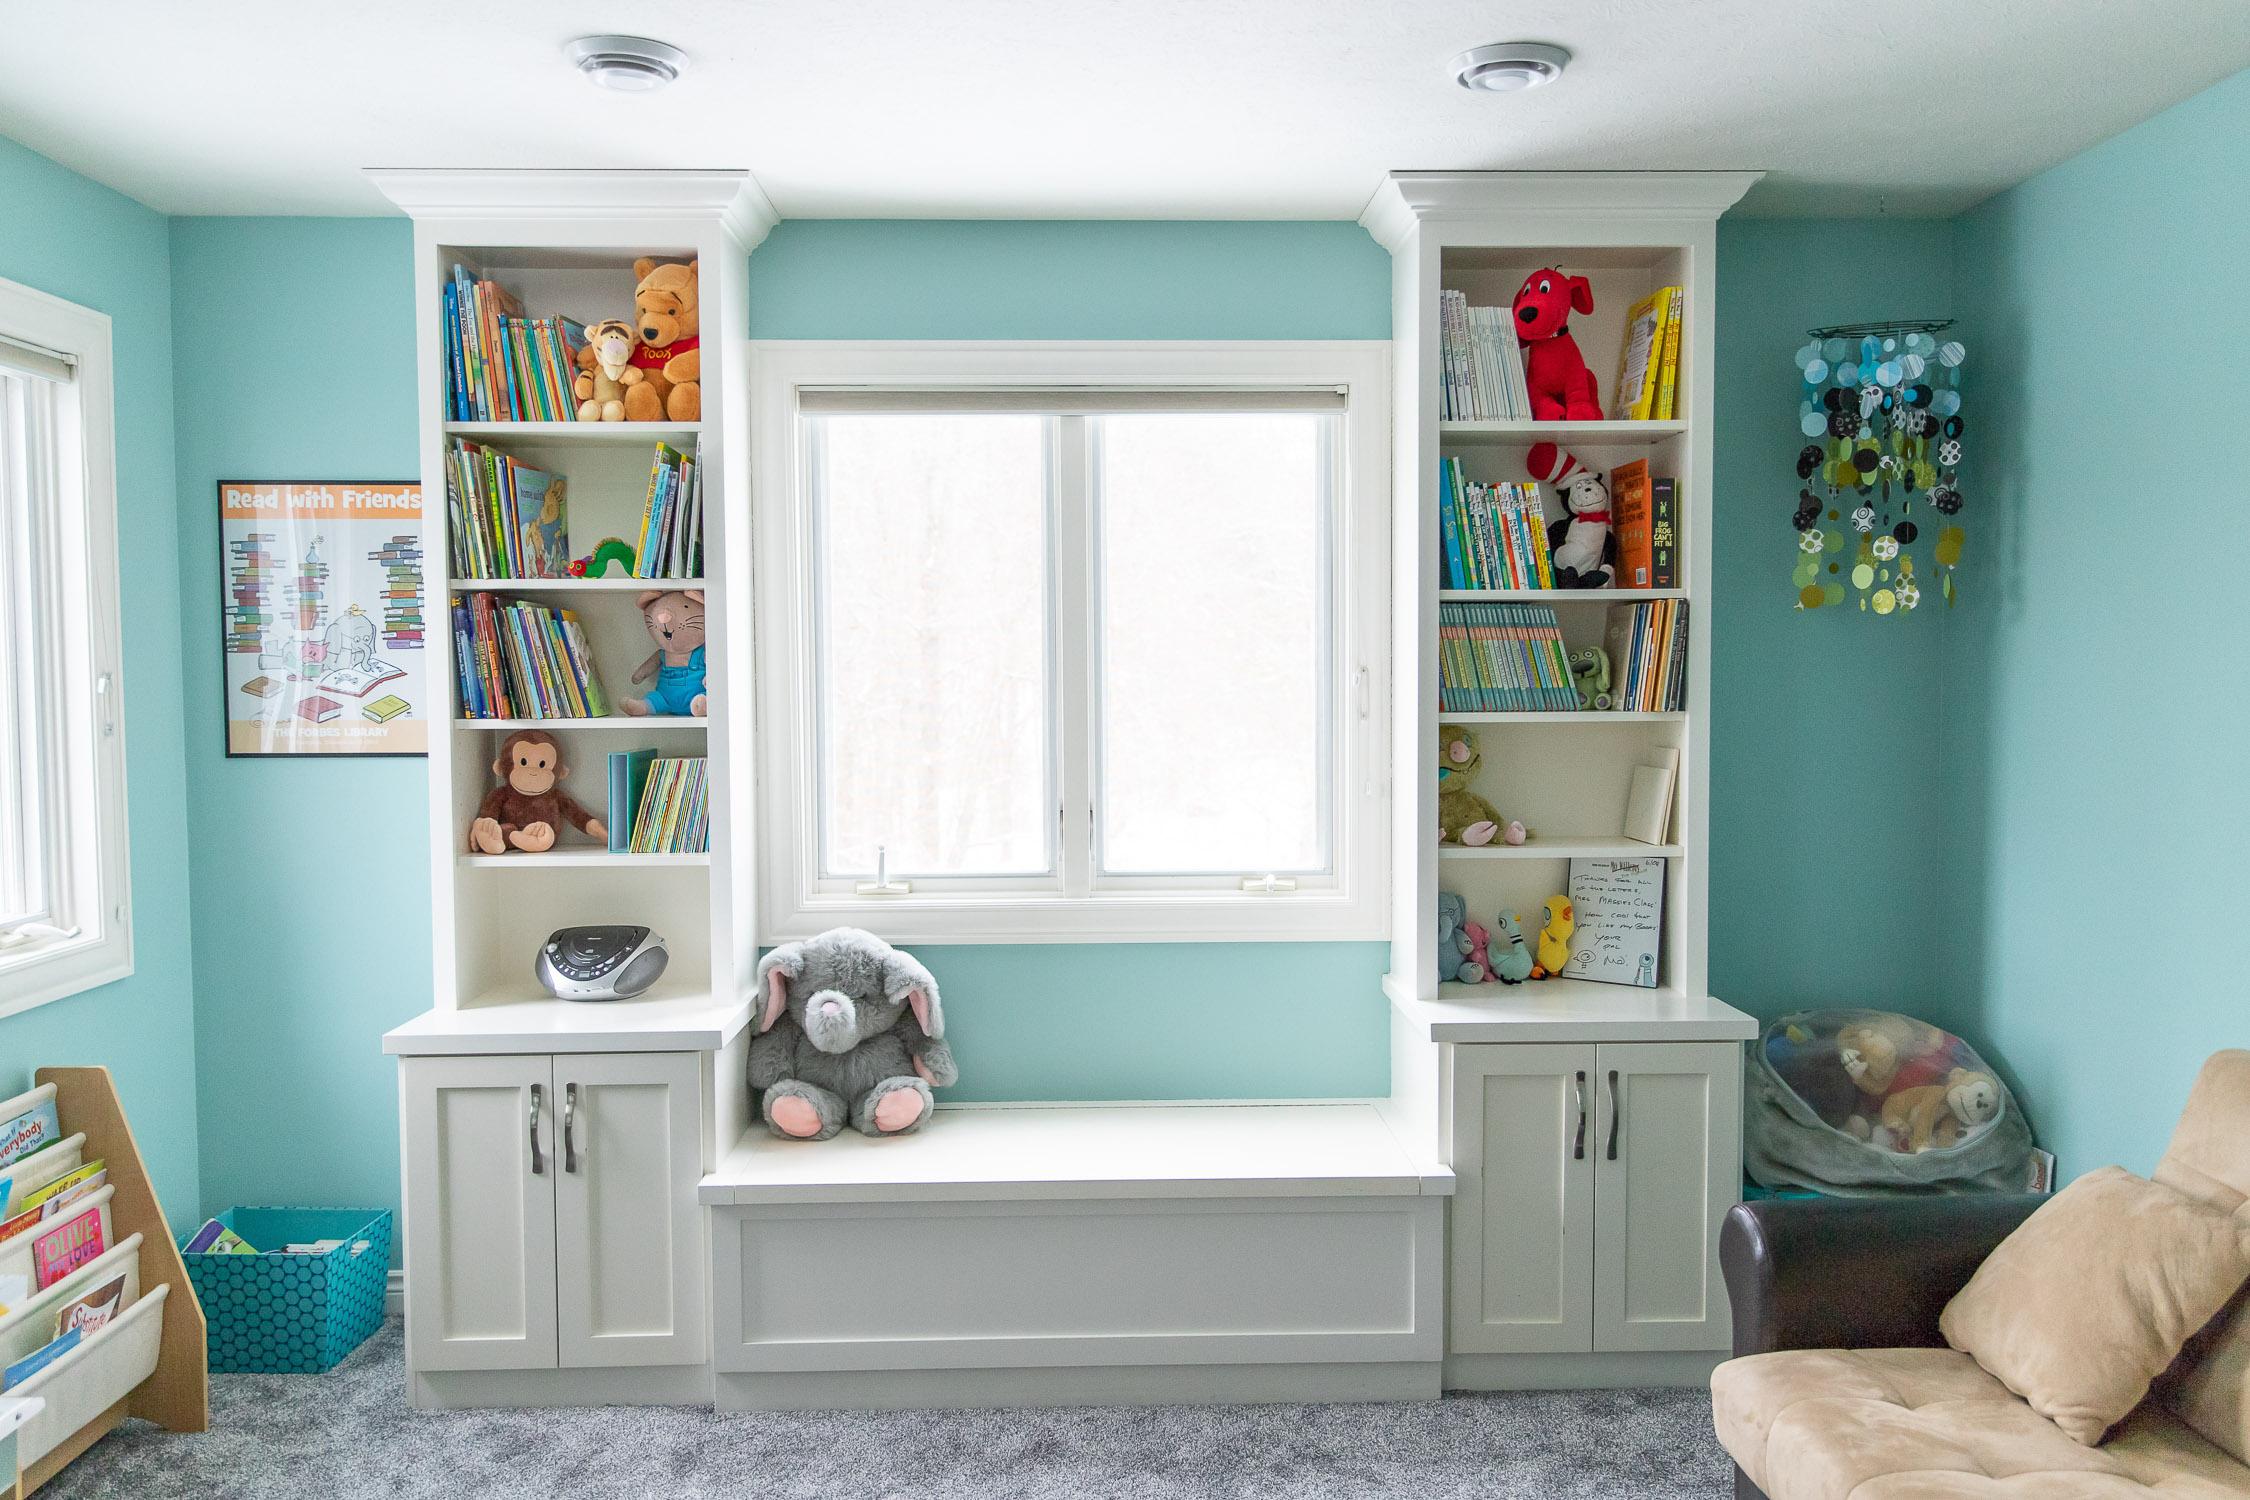 White built in bookshelves full of children's books in a turquoise room